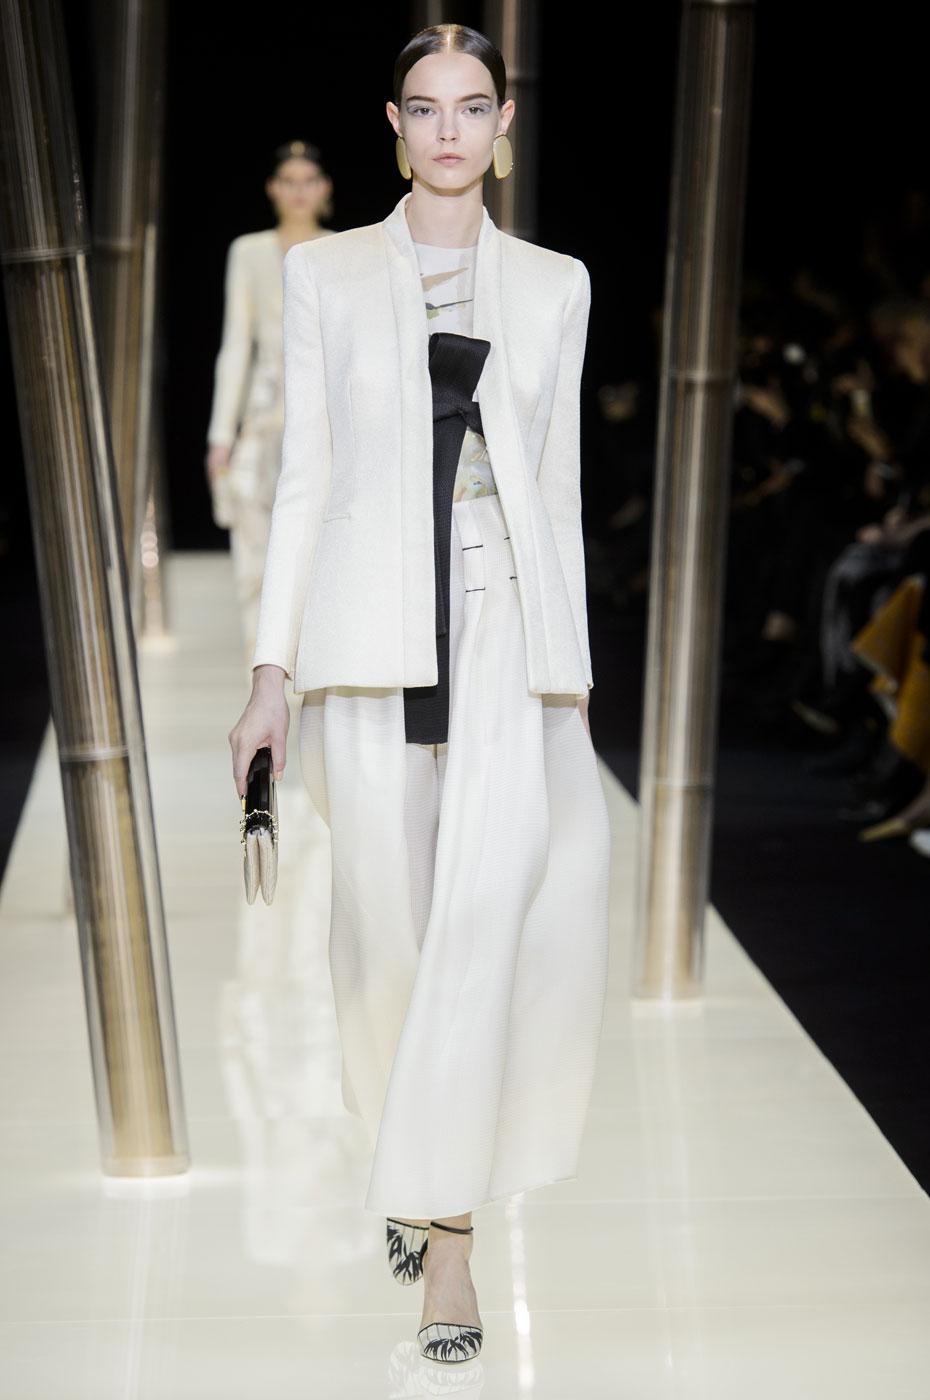 Giorgio-armani-Prive-fashion-runway-show-haute-couture-paris-spring-2015-the-impression-007